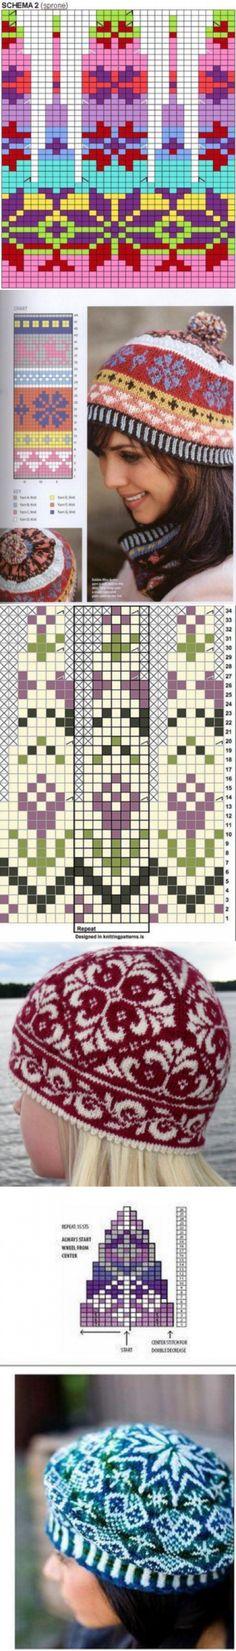 Схемы жаккардовых узоров для вязания шапок